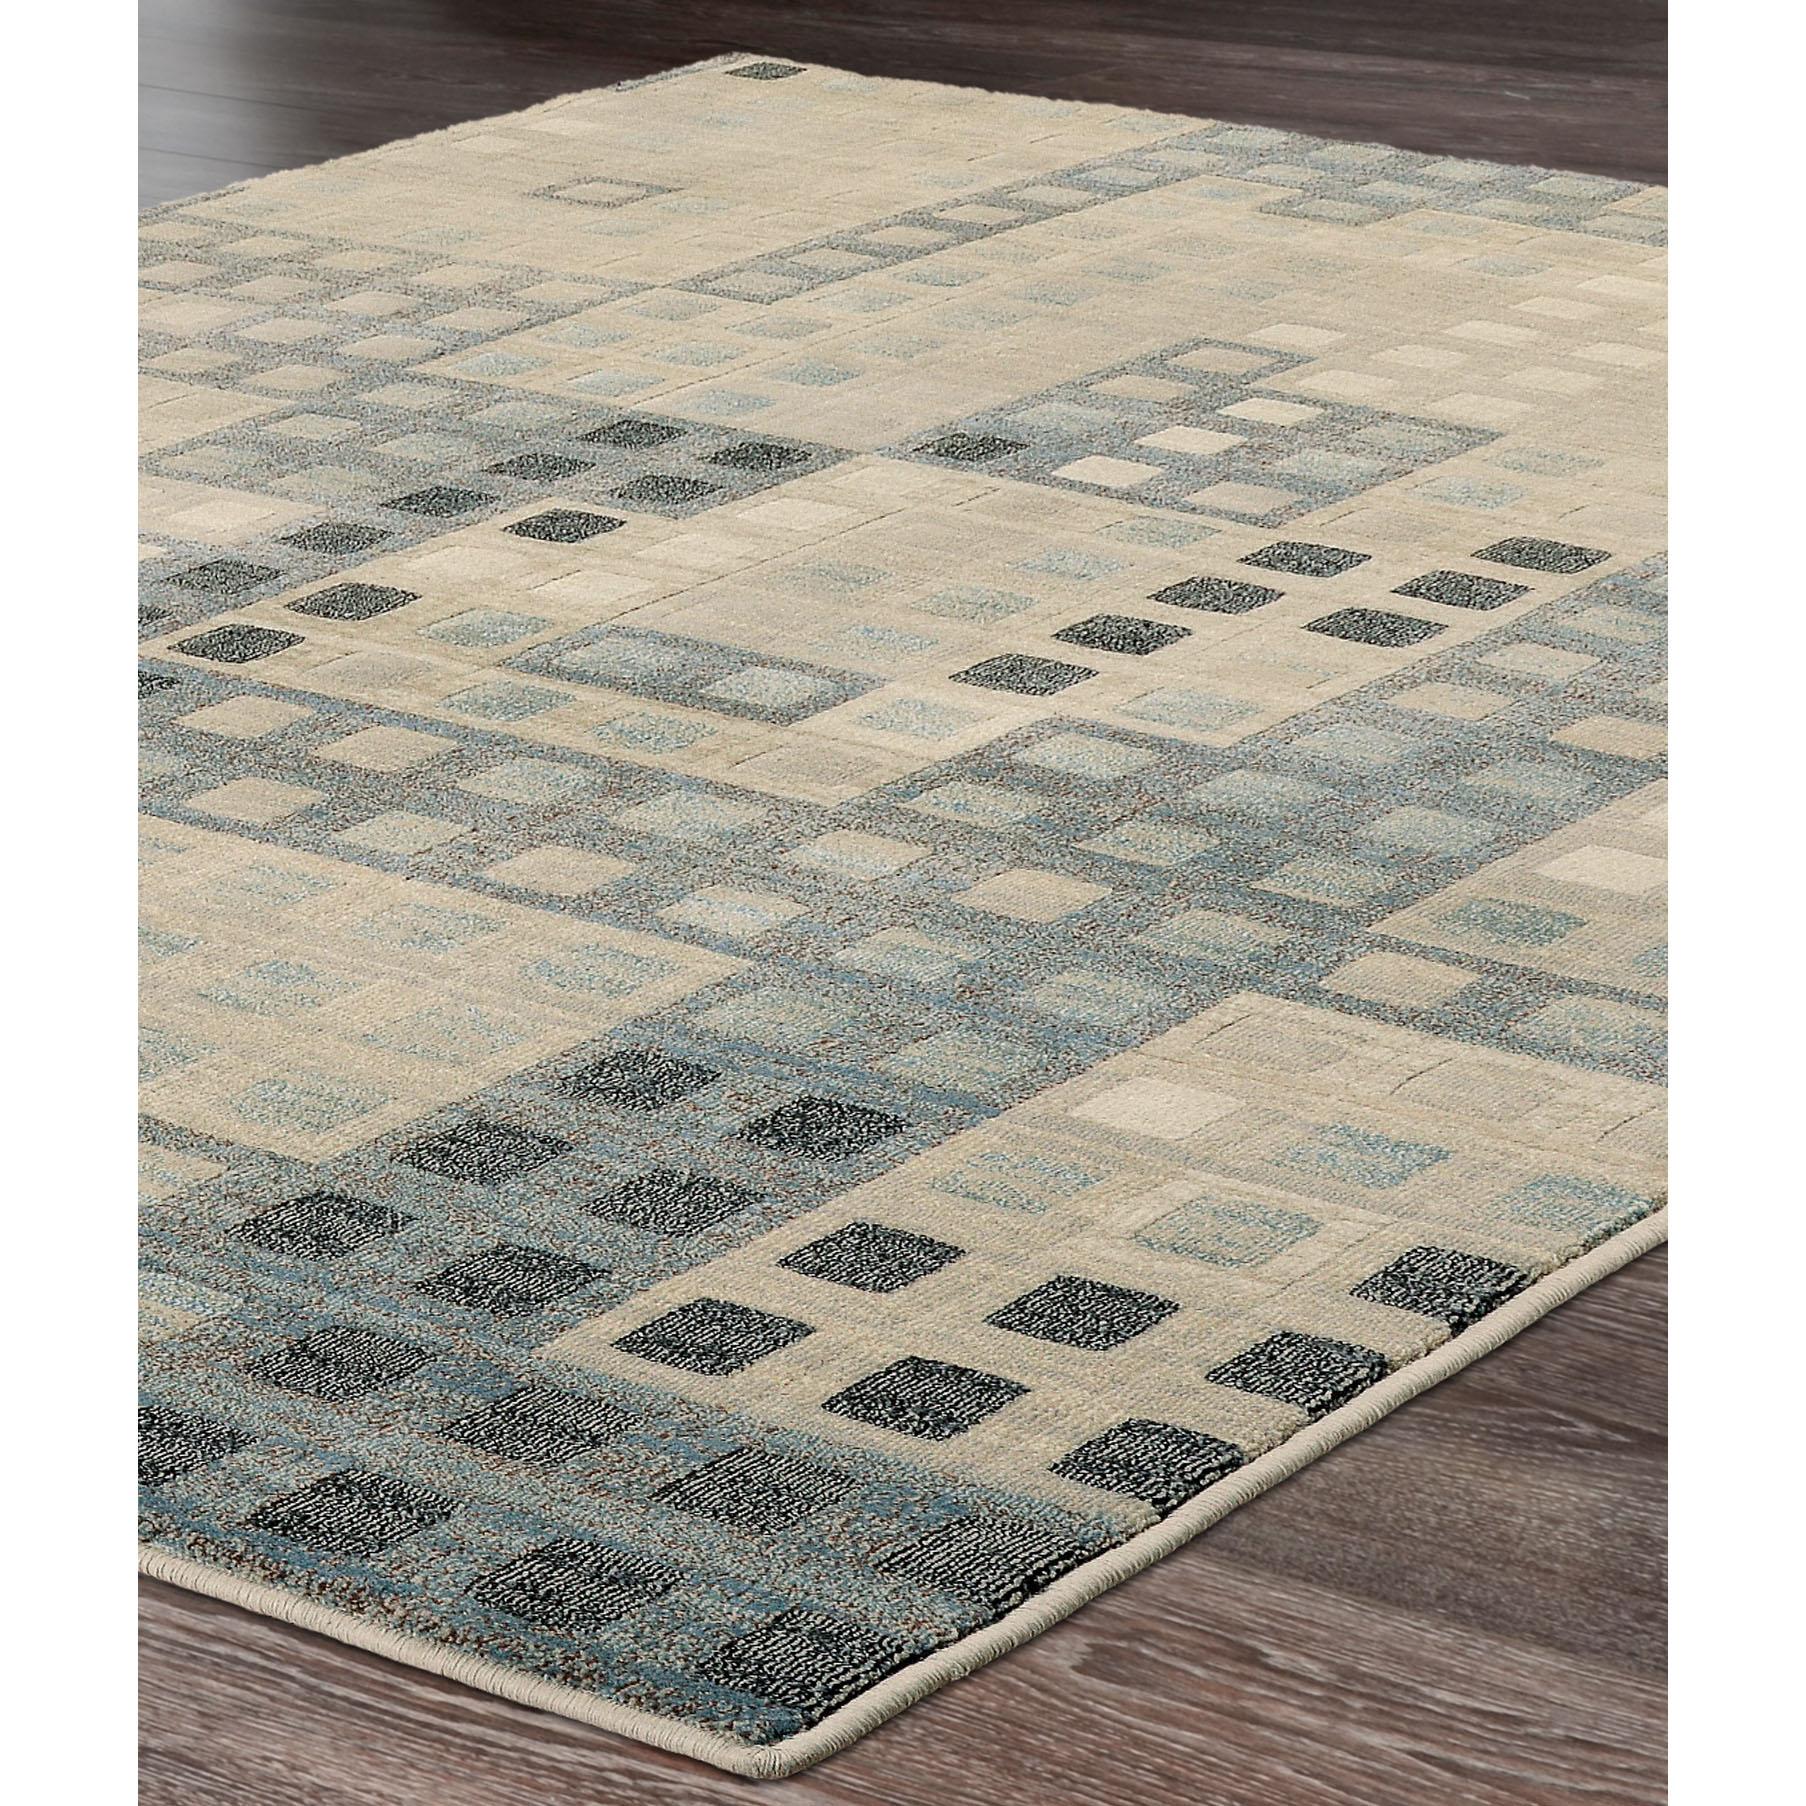 Χαλί Colote Colori Matrix 13155-730